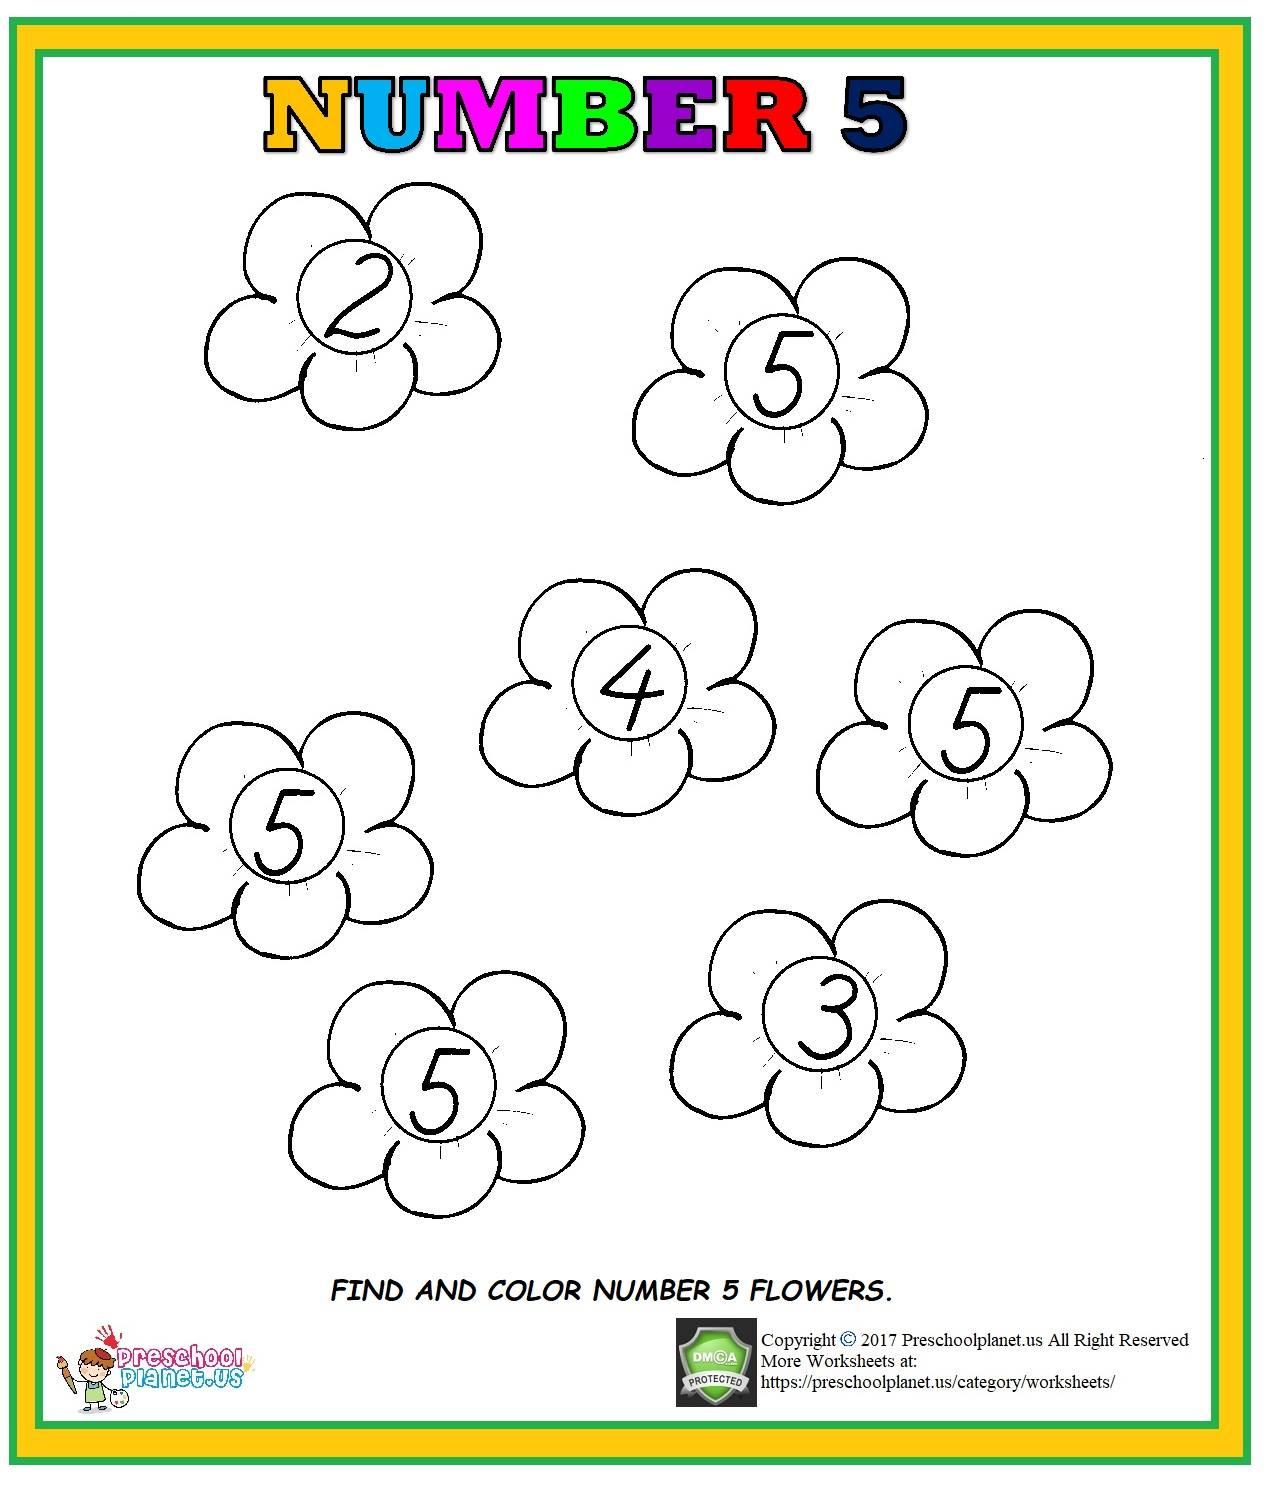 Number 5 Worksheet For Preschool Preschoolplanet